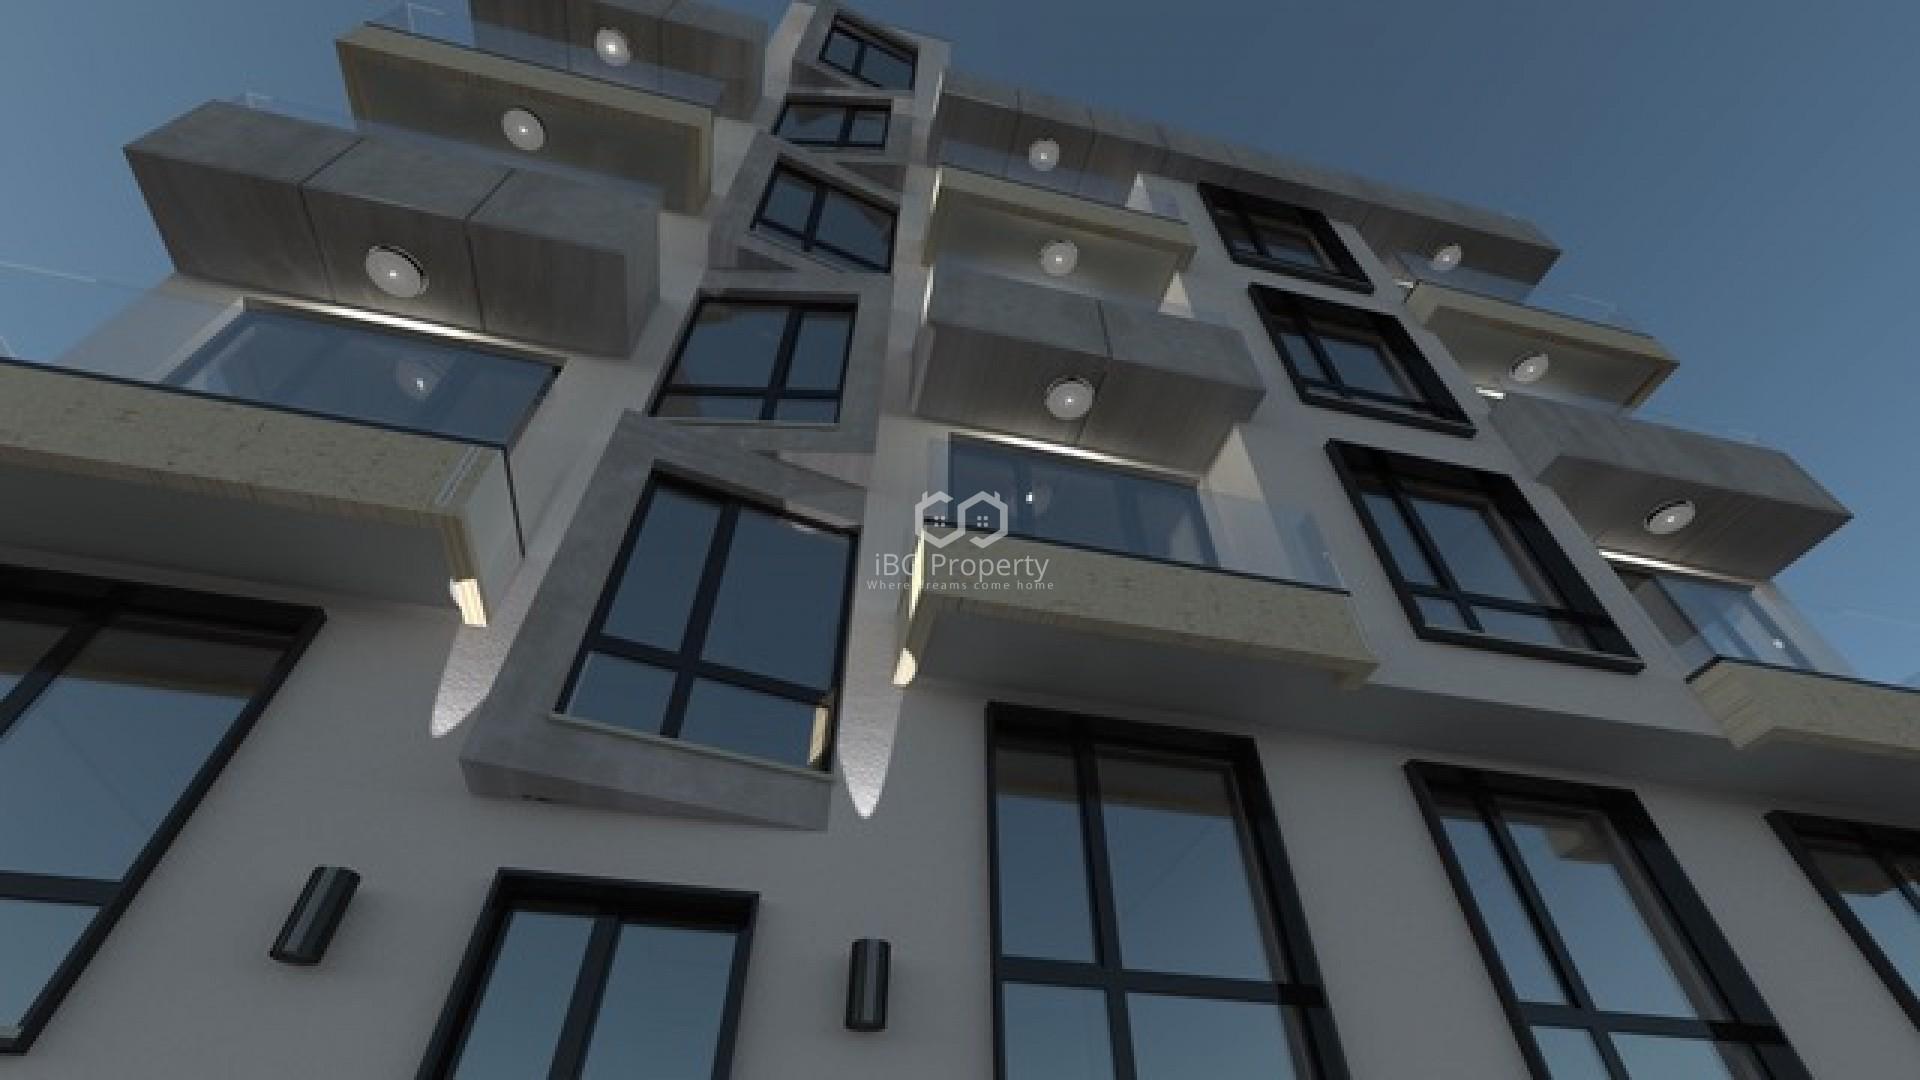 Двухкомнатная квартира Цветен квартал Варна  44 m2